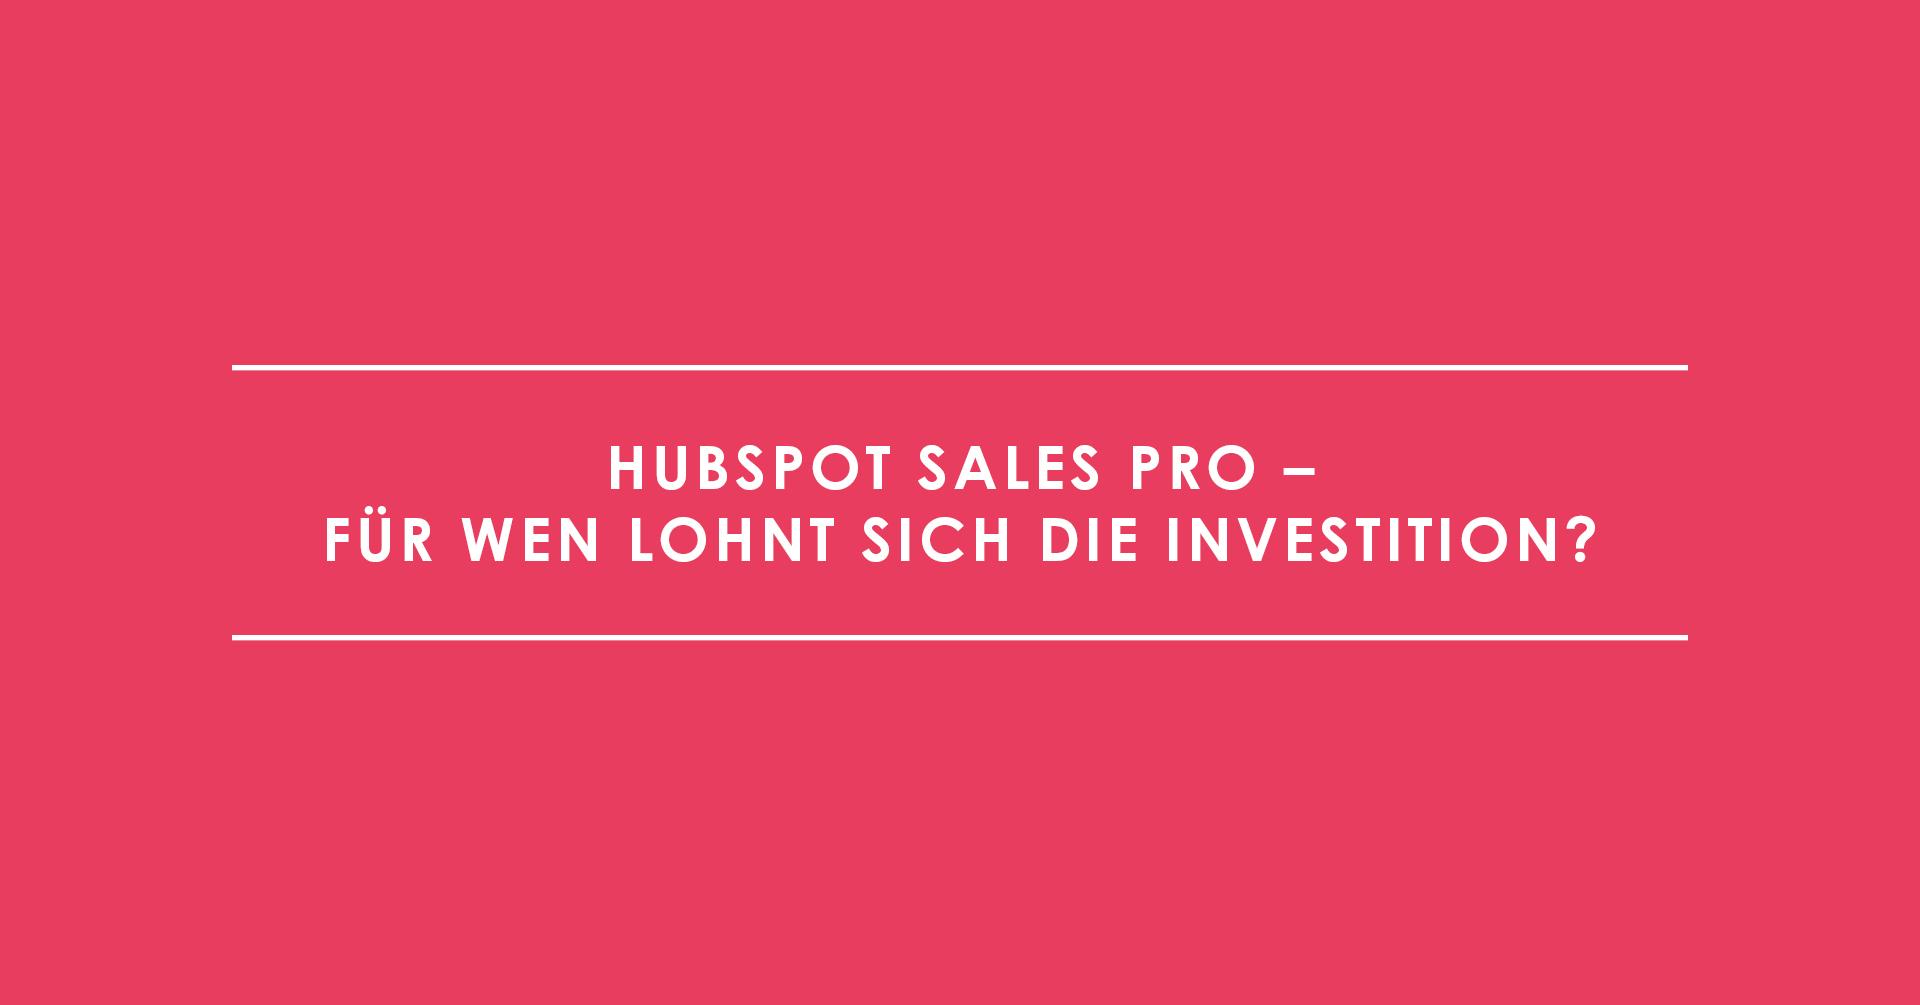 HubSpot Sales Pro – für wen lohnt sich die Investition?